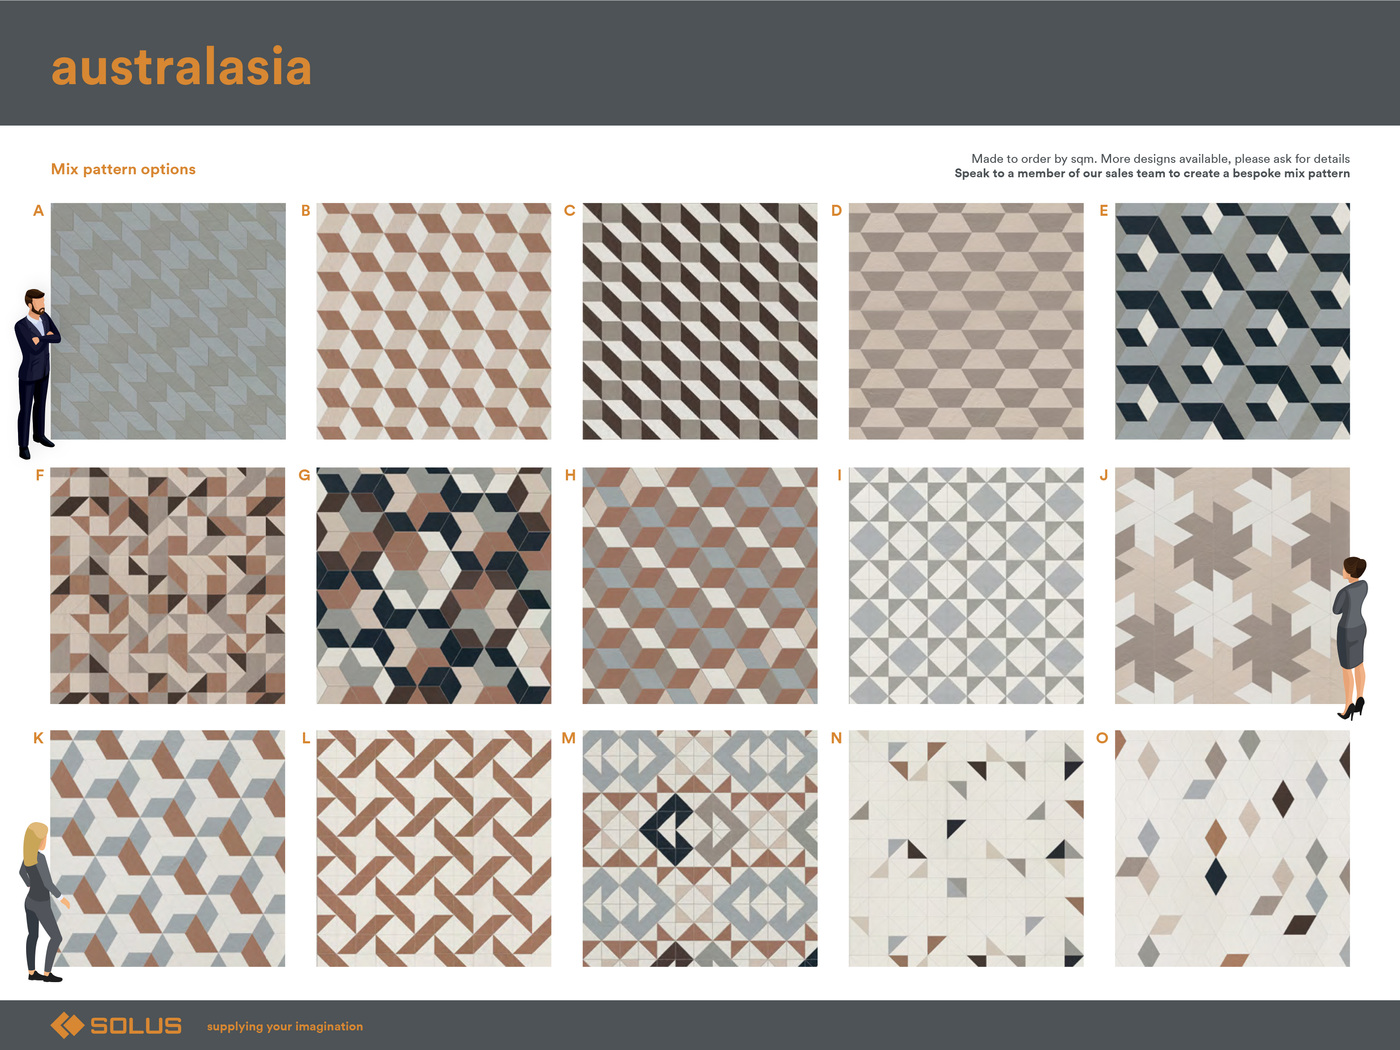 Lara-Jane van Antwerpen - Digital Brochure - Australasia 2